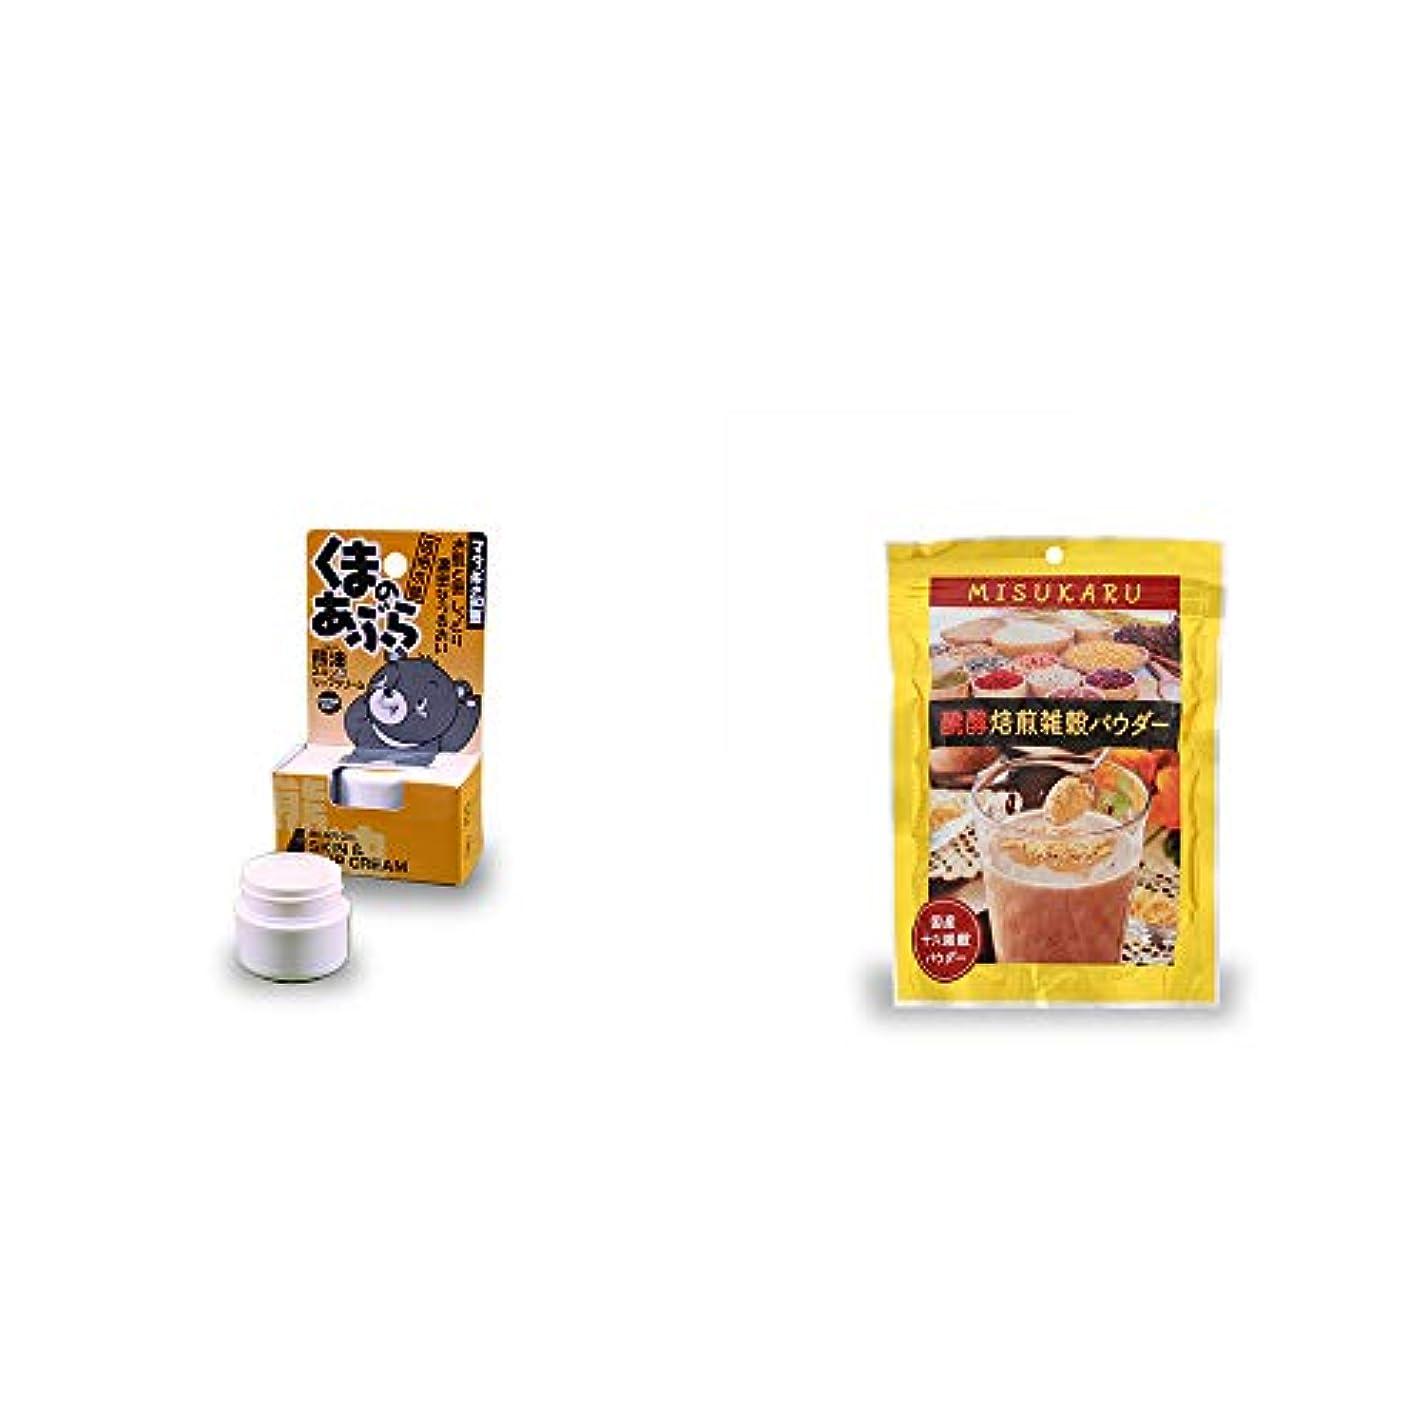 六月飾る推定[2点セット] 信州木曽 くまのあぶら 熊油スキン&リップクリーム(9g)?醗酵焙煎雑穀パウダー MISUKARU(ミスカル)(200g)